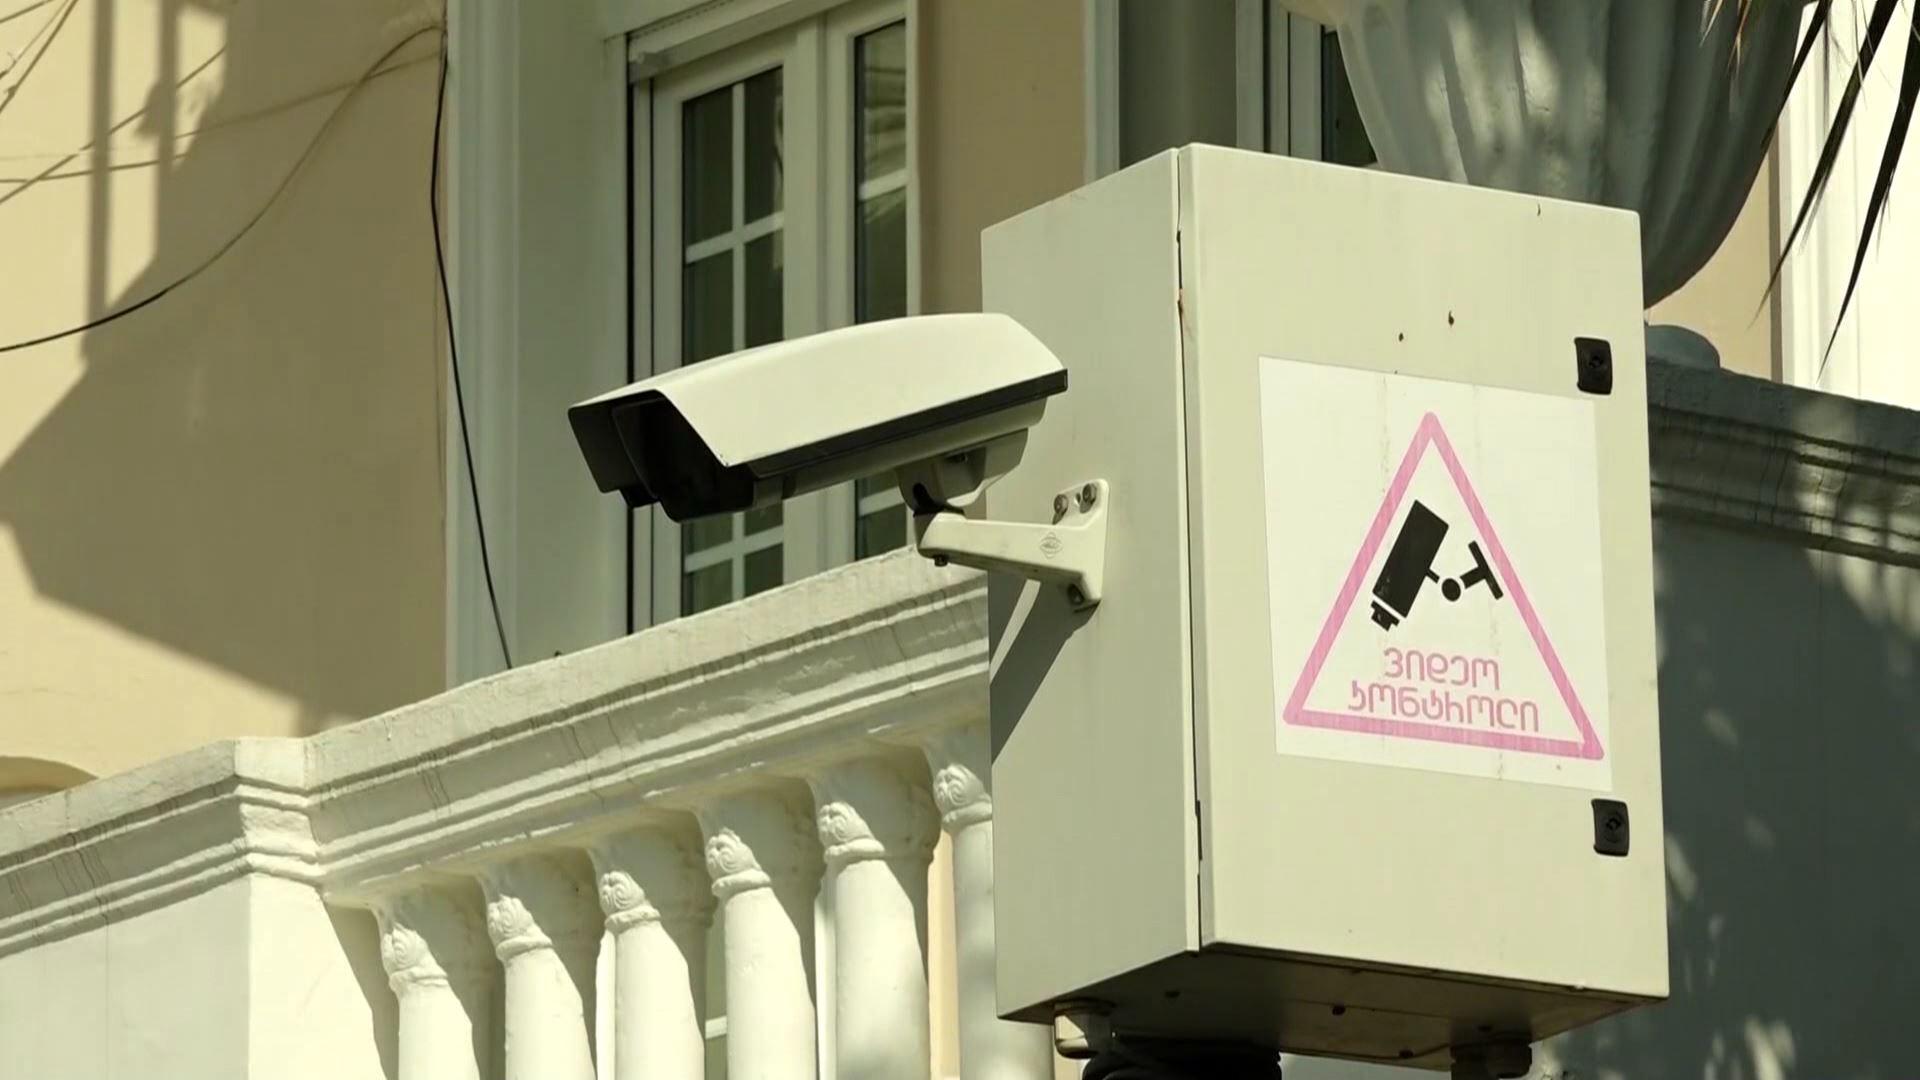 საქართველოში მოძრაობის უსაფრთხოება 550 ვიდეოკამერით კონტროლდება